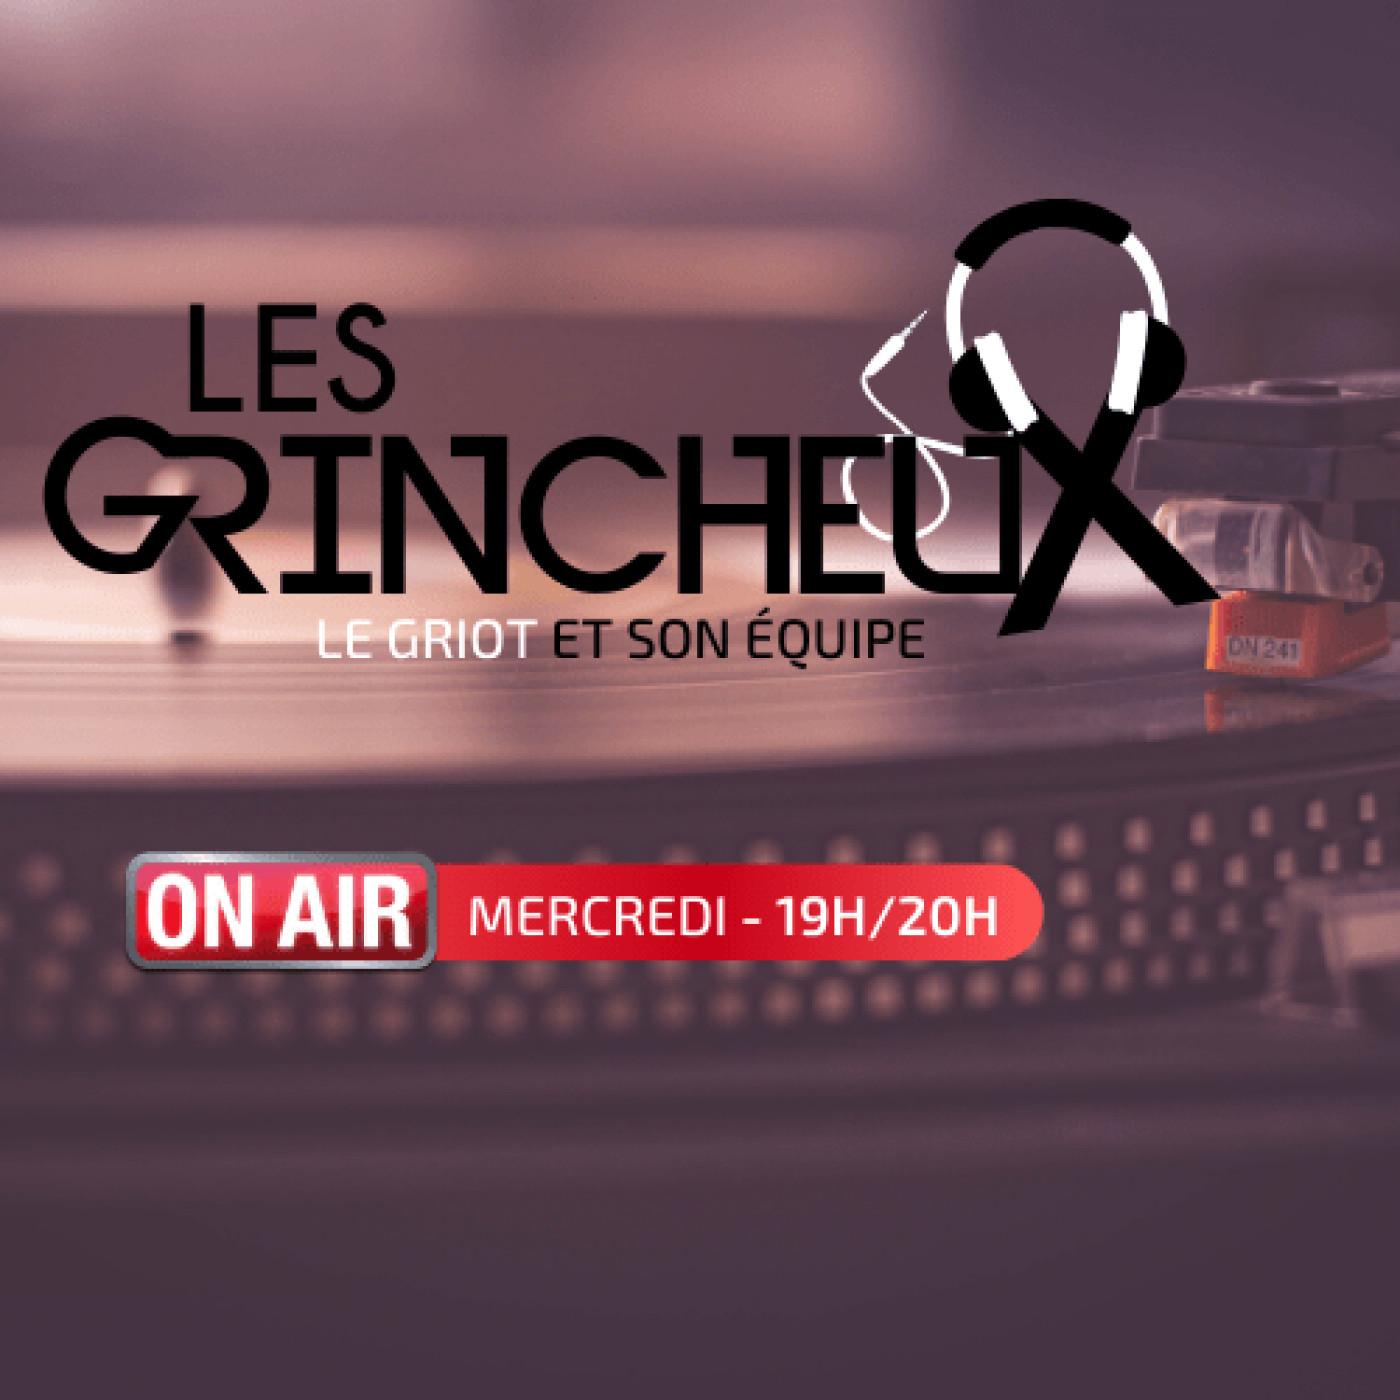 Les Grincheux (Le Griot et son équipe) (12/02/20)